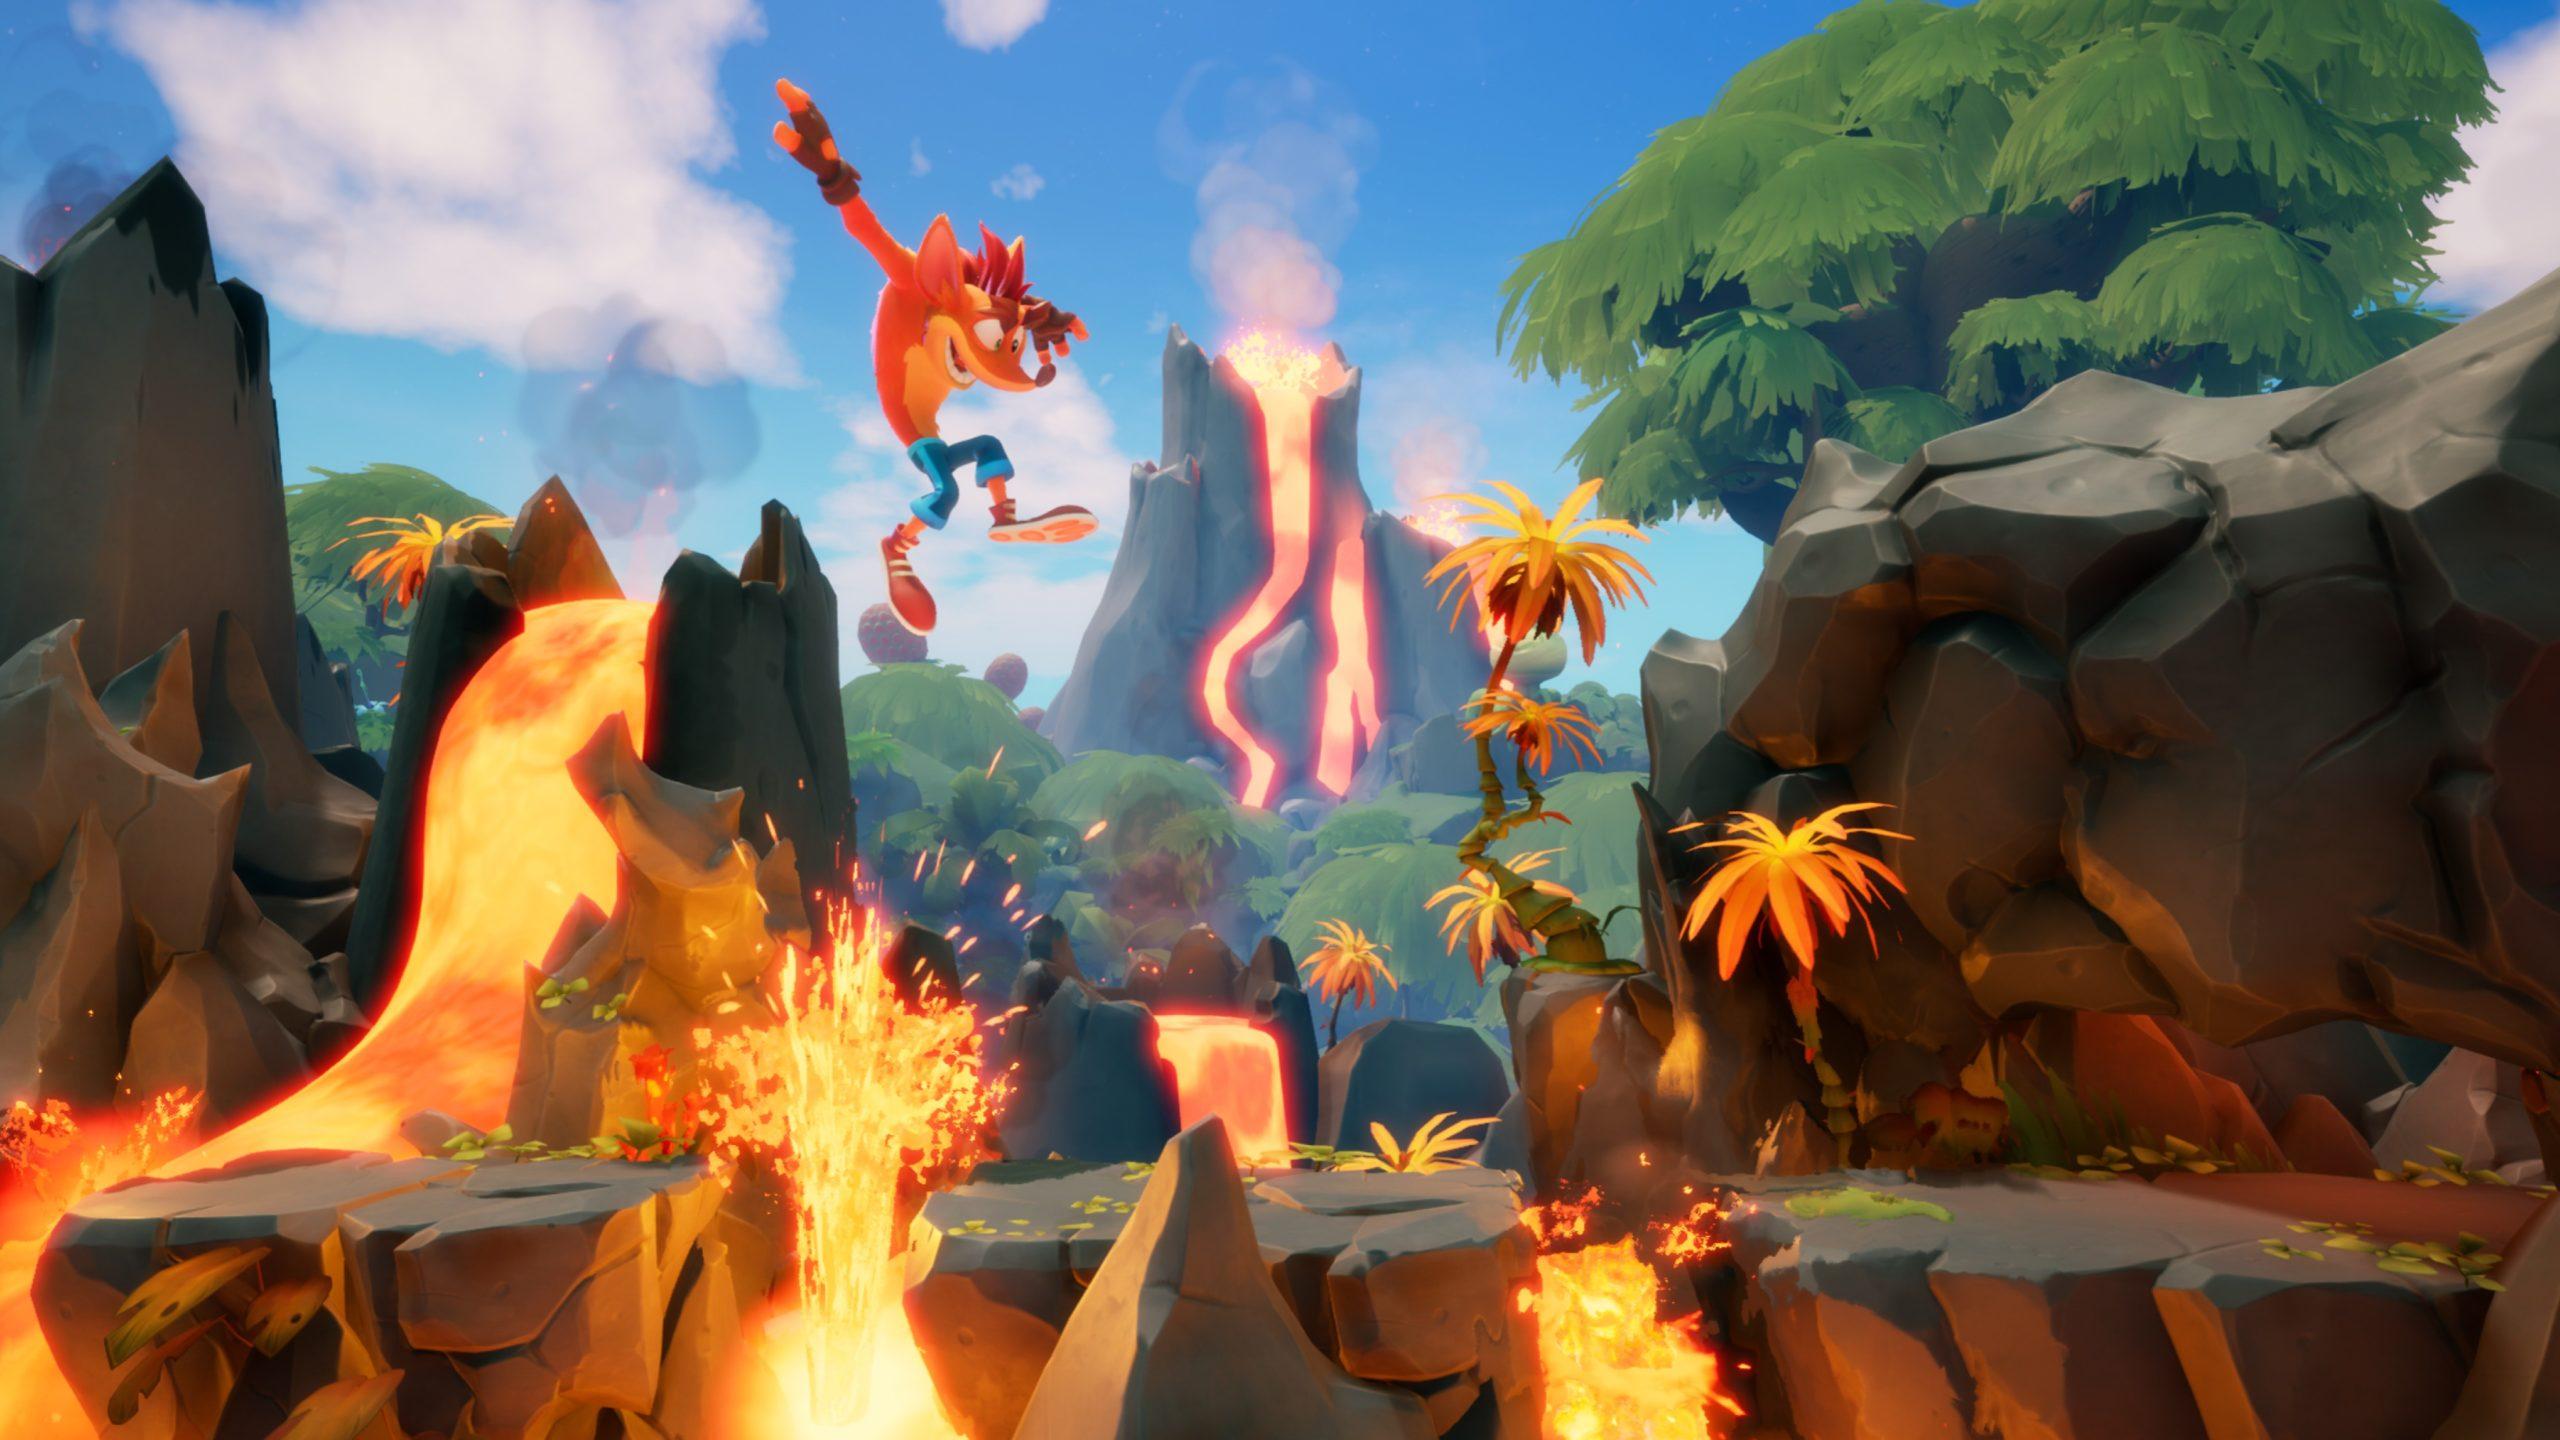 Test de jeu - Crash Bandicoot 4 : It's About Time